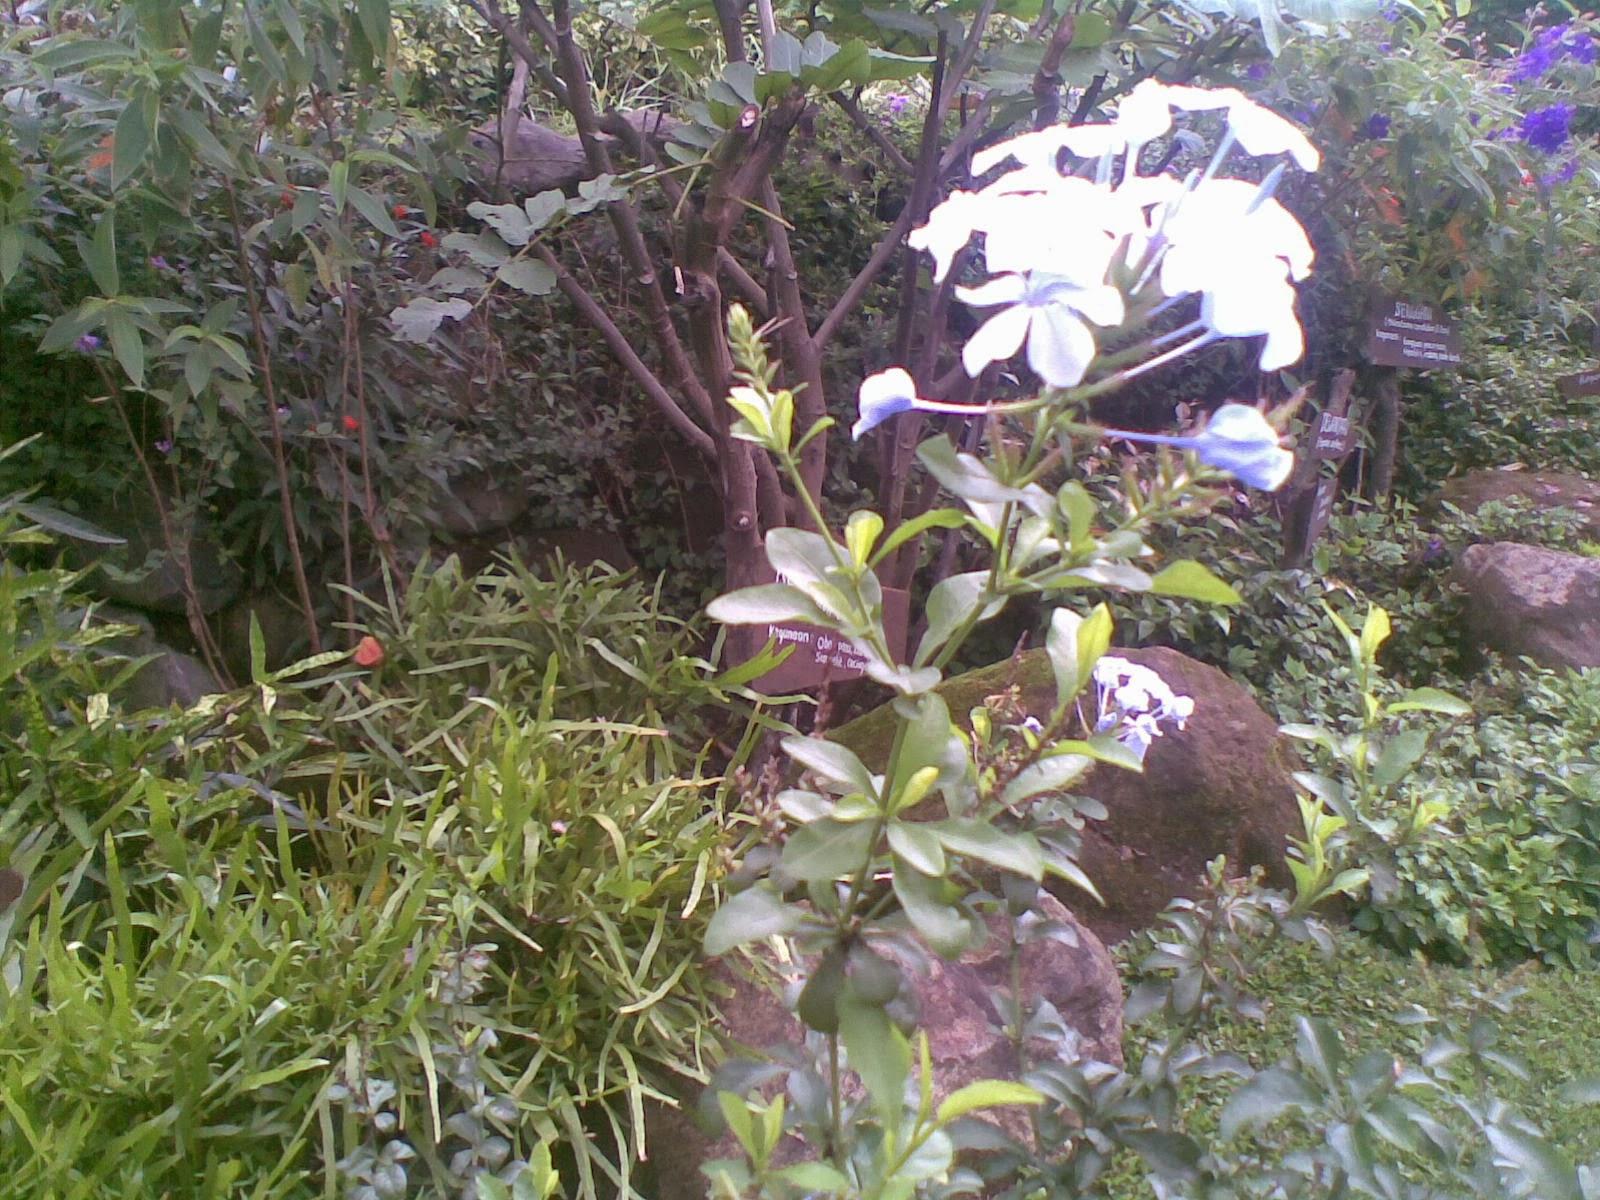 The blossoming flower of Plumbago zeylanica Linn.